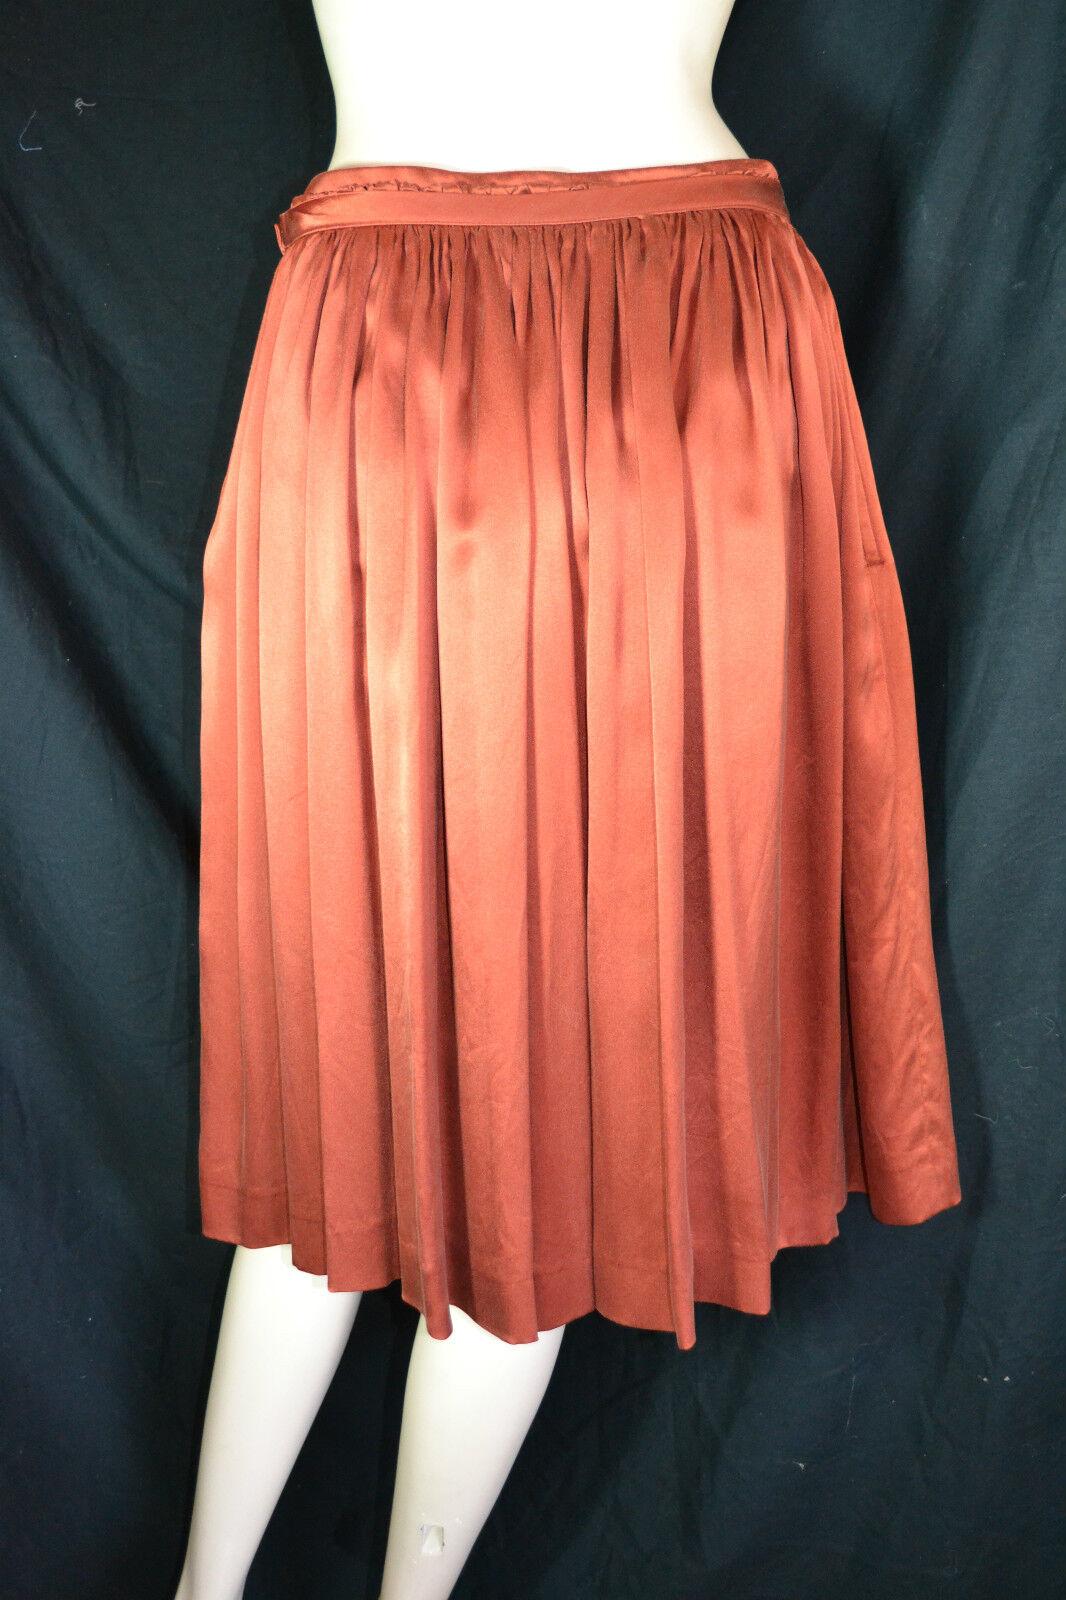 NEU VIKTOR & & & ROLF Rock skirt  jupe NEU Gr. 36   S NEW   100% Seide silk soie 1af71e